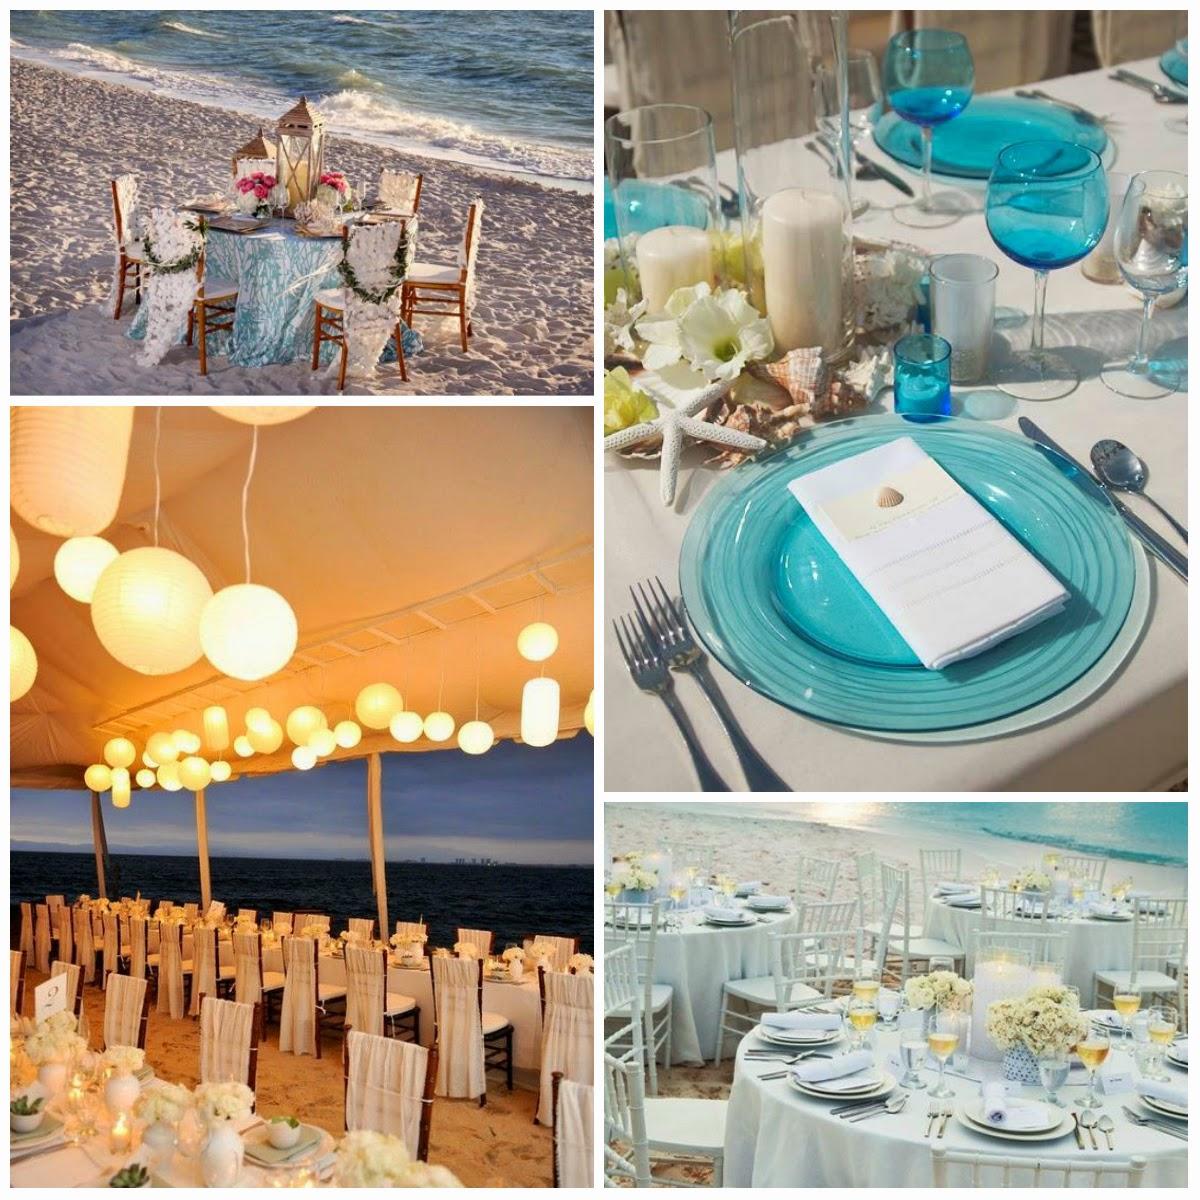 Decorazioni Matrimonio Spiaggia : Dettagli per un matrimonio sulla spiaggia la casa dello